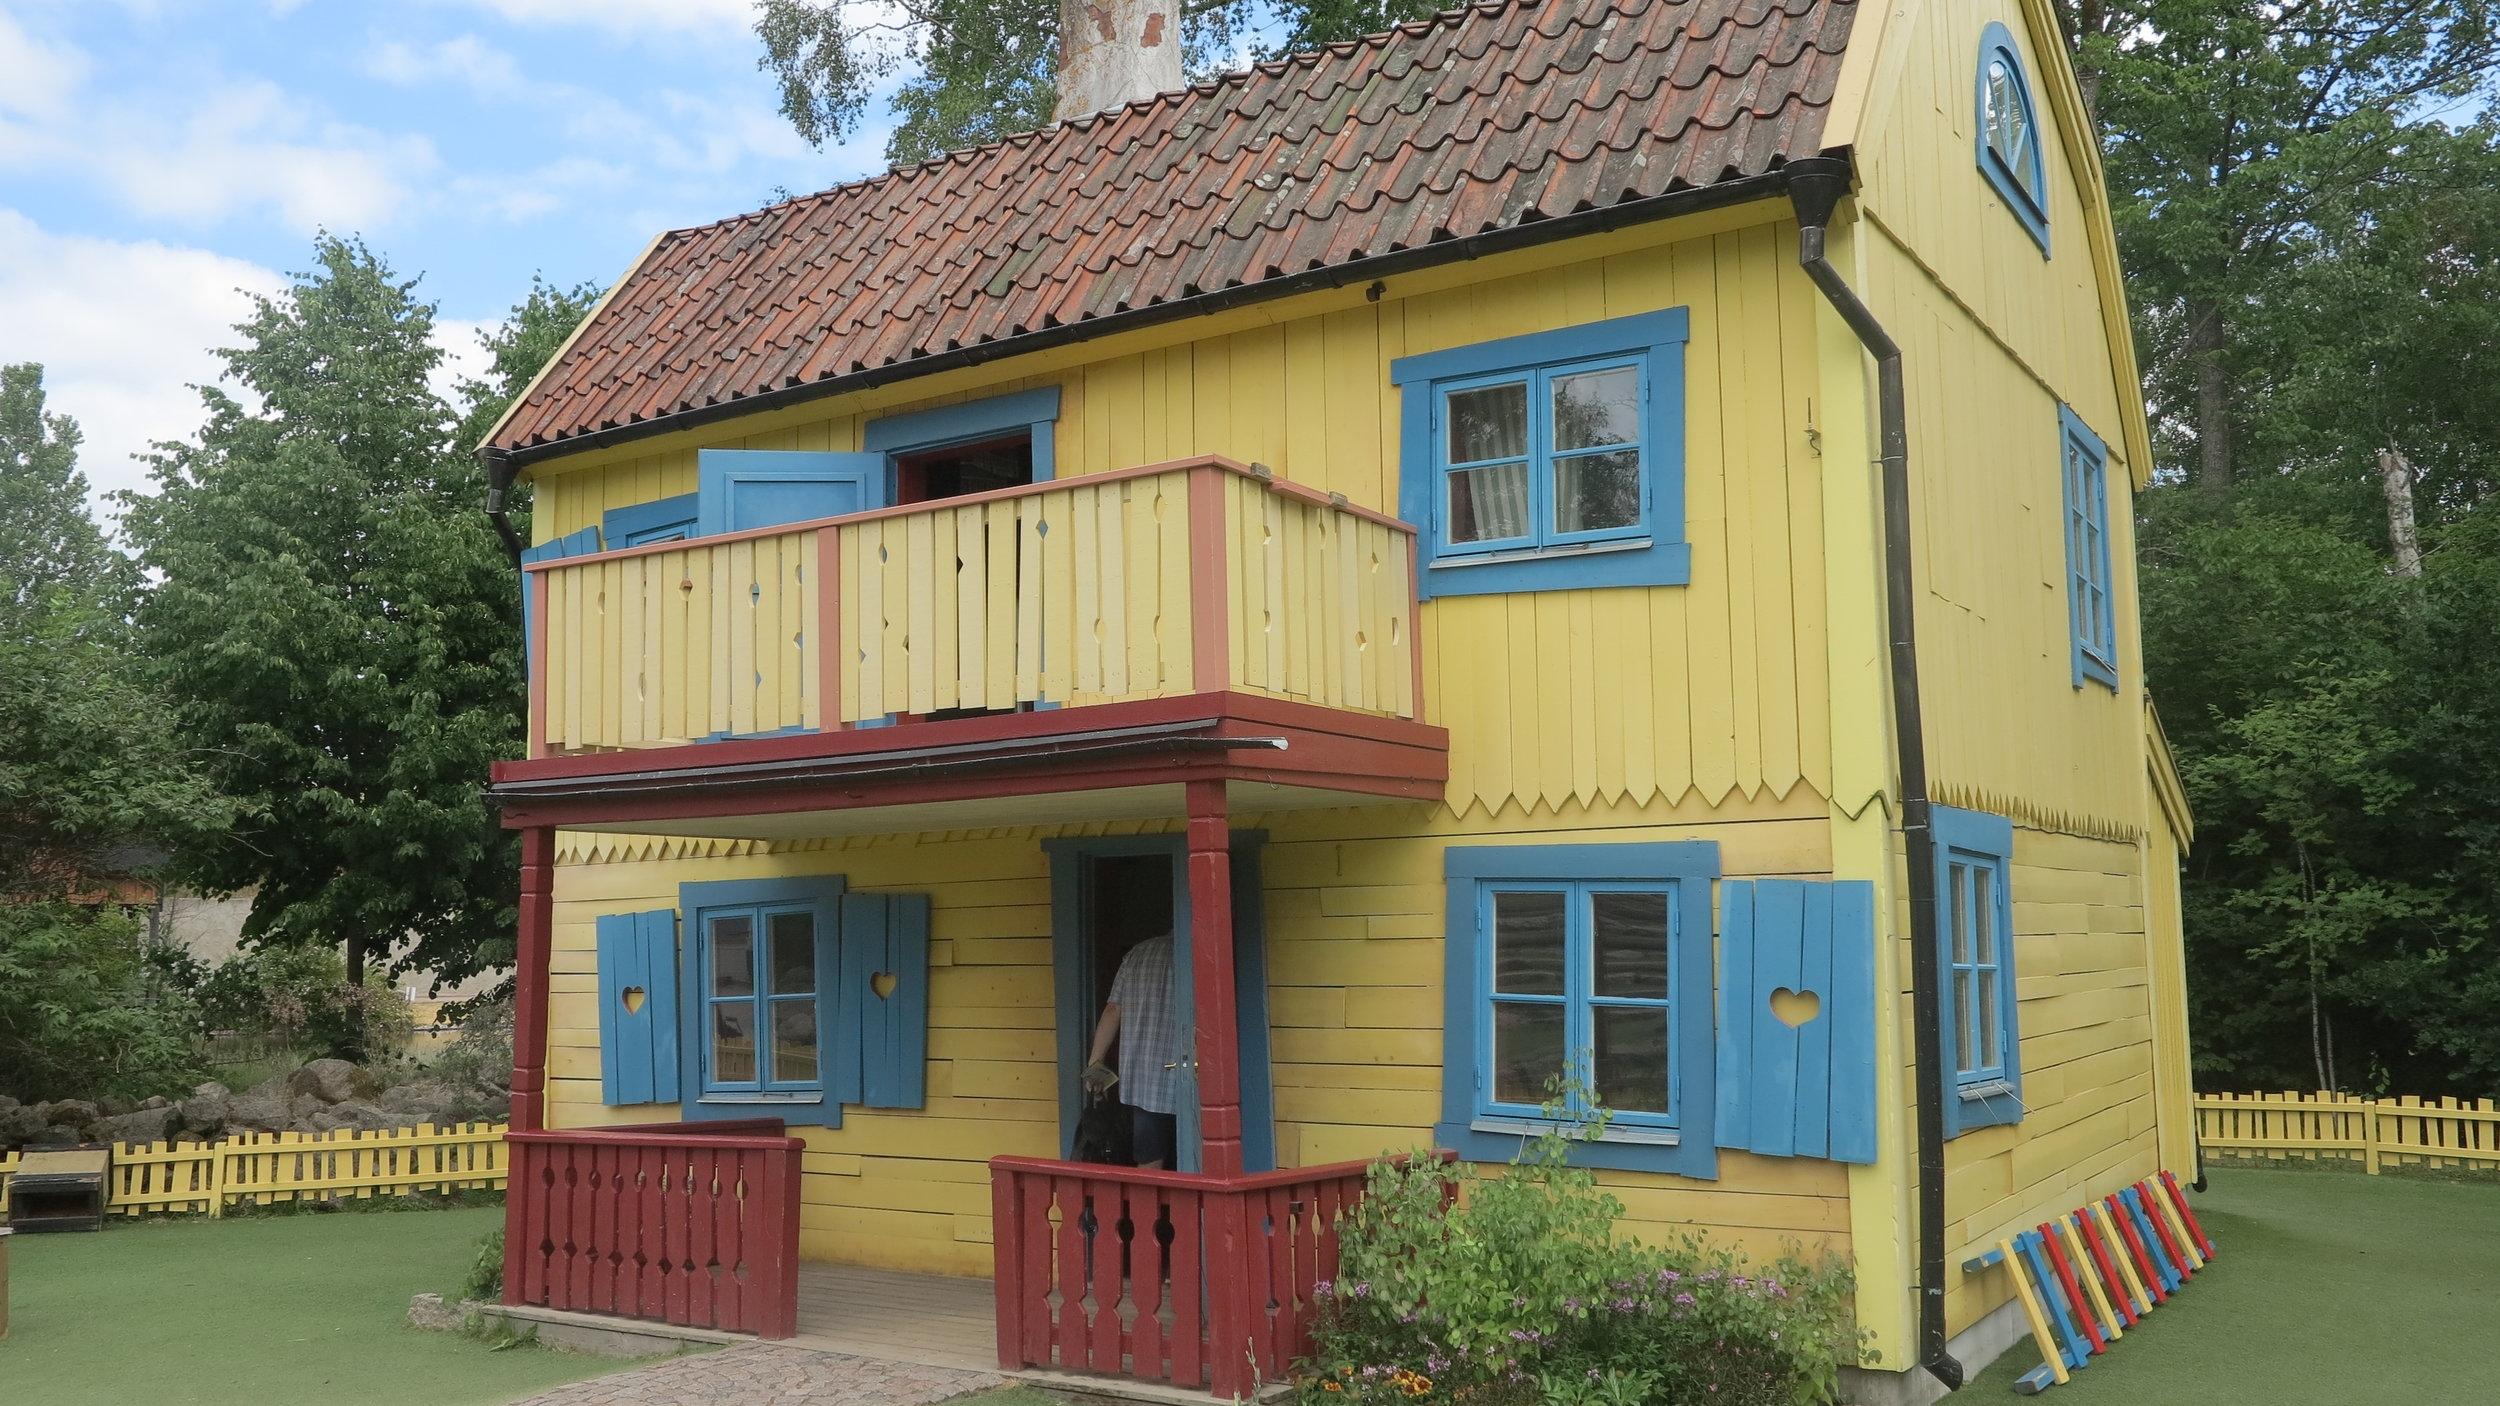 Die Villa Kunterbunt im Themenpark Astrid Lindgrens Welt in Vimmerby